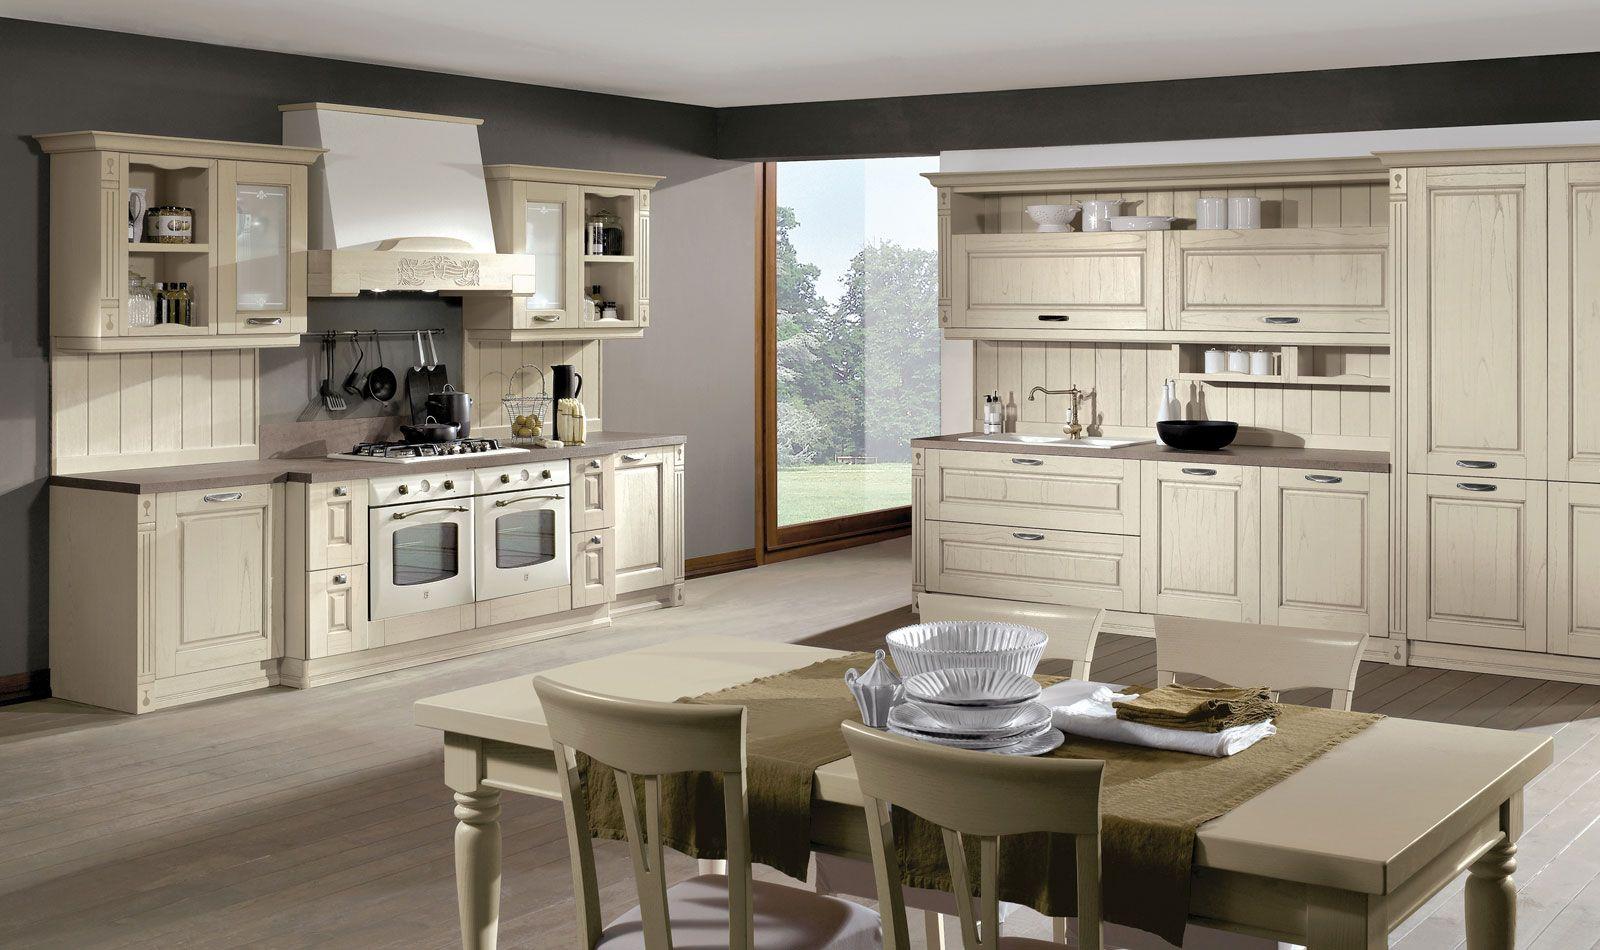 Immagini cucine componibili gallery of cucina modello for Cucine classiche economiche